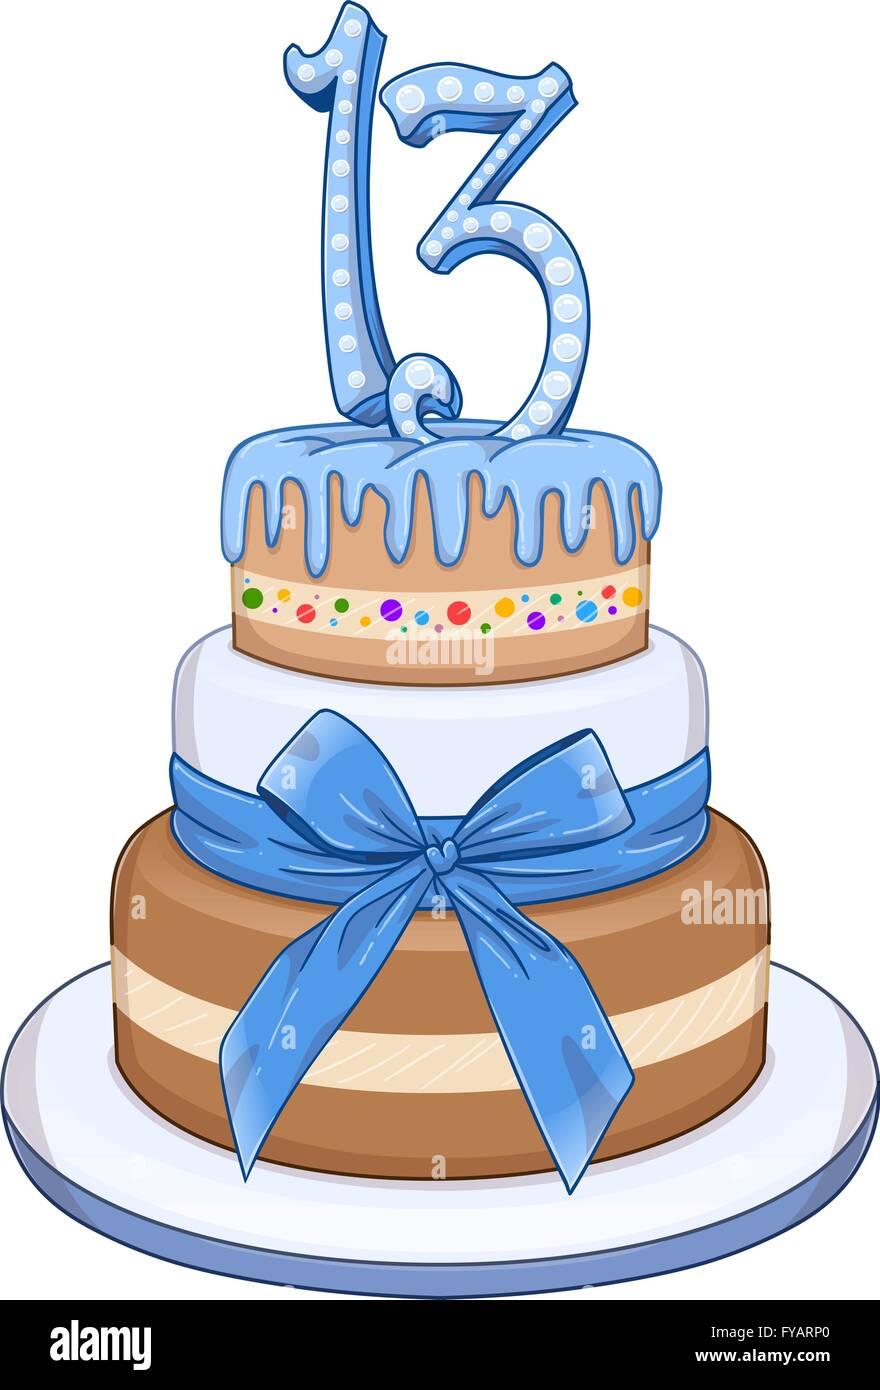 Vektor Illustration Blau 3 Etagen Torte Mit Der Nummer 13 An Spitze Fur Bar